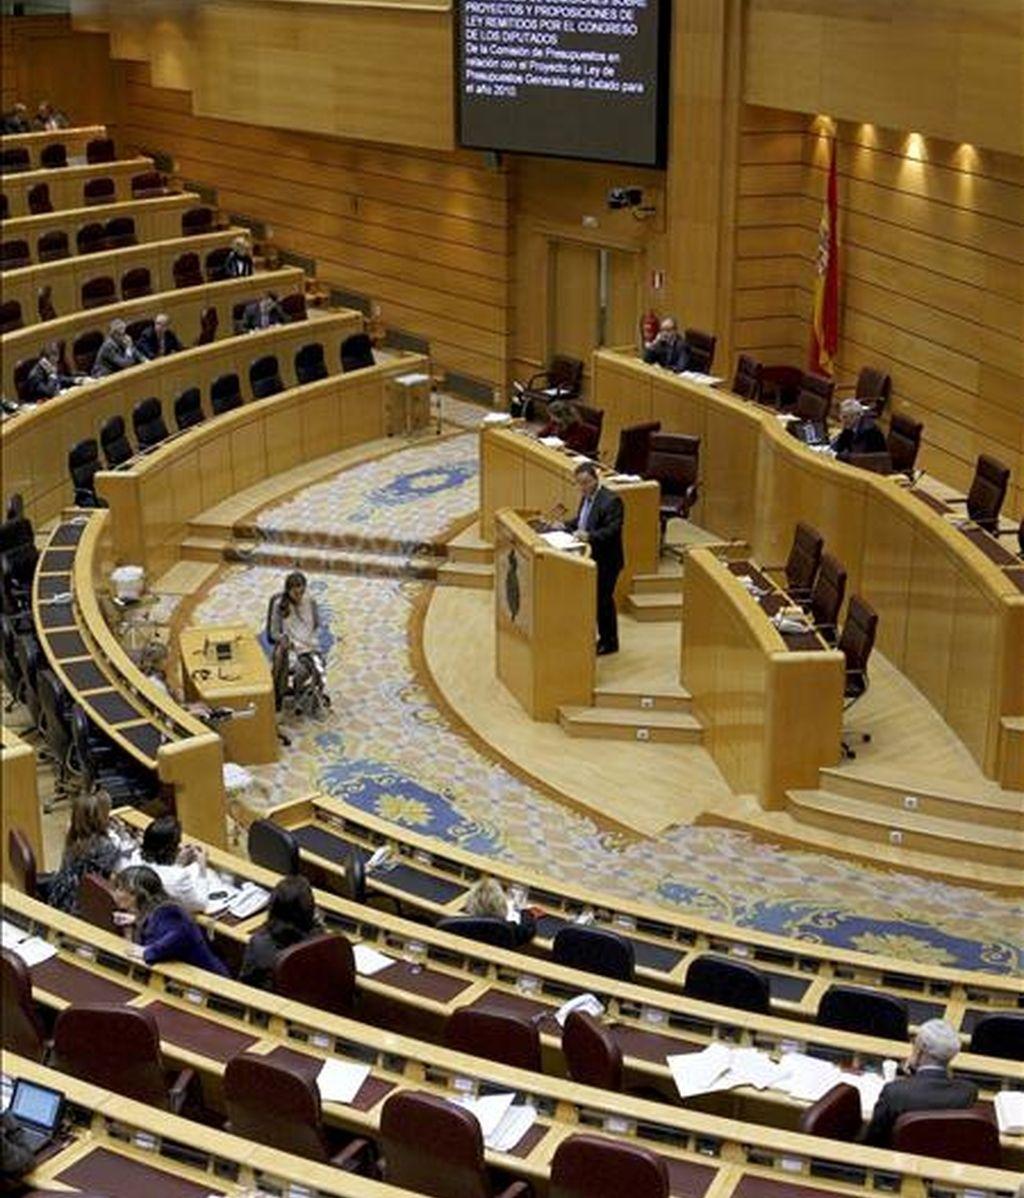 CiU, ERC, ICV y BNG presentaron hoy en el Senado sus propuestas de veto al proyecto de Ley de Presupuestos Generales del Estado para 2011 que se suman a la ya anunciada por el PP. En la imagen, vista general del Senado. EFE/Archivo